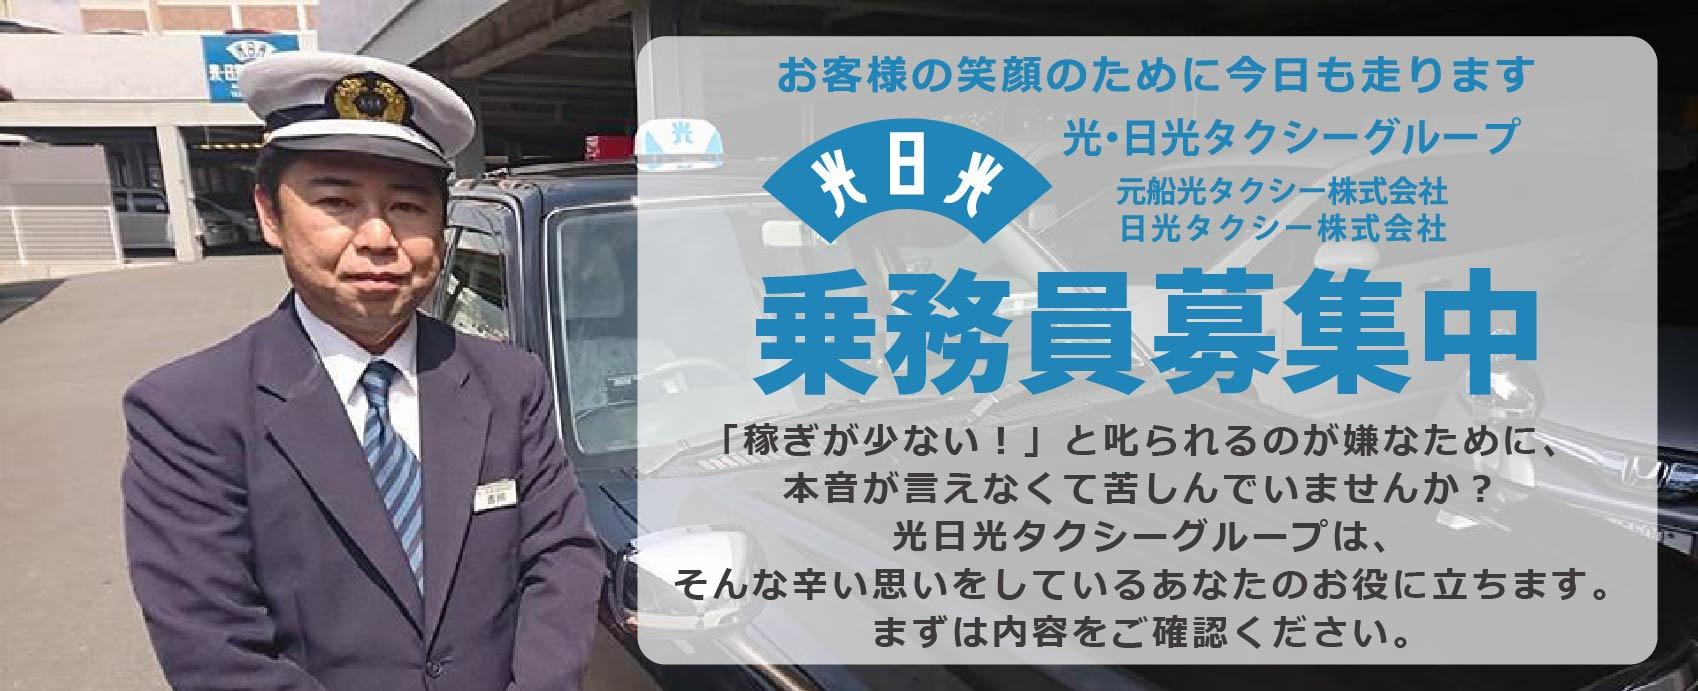 光日光グループ   長崎市の観光・ビジネスのお供には光日光 ...